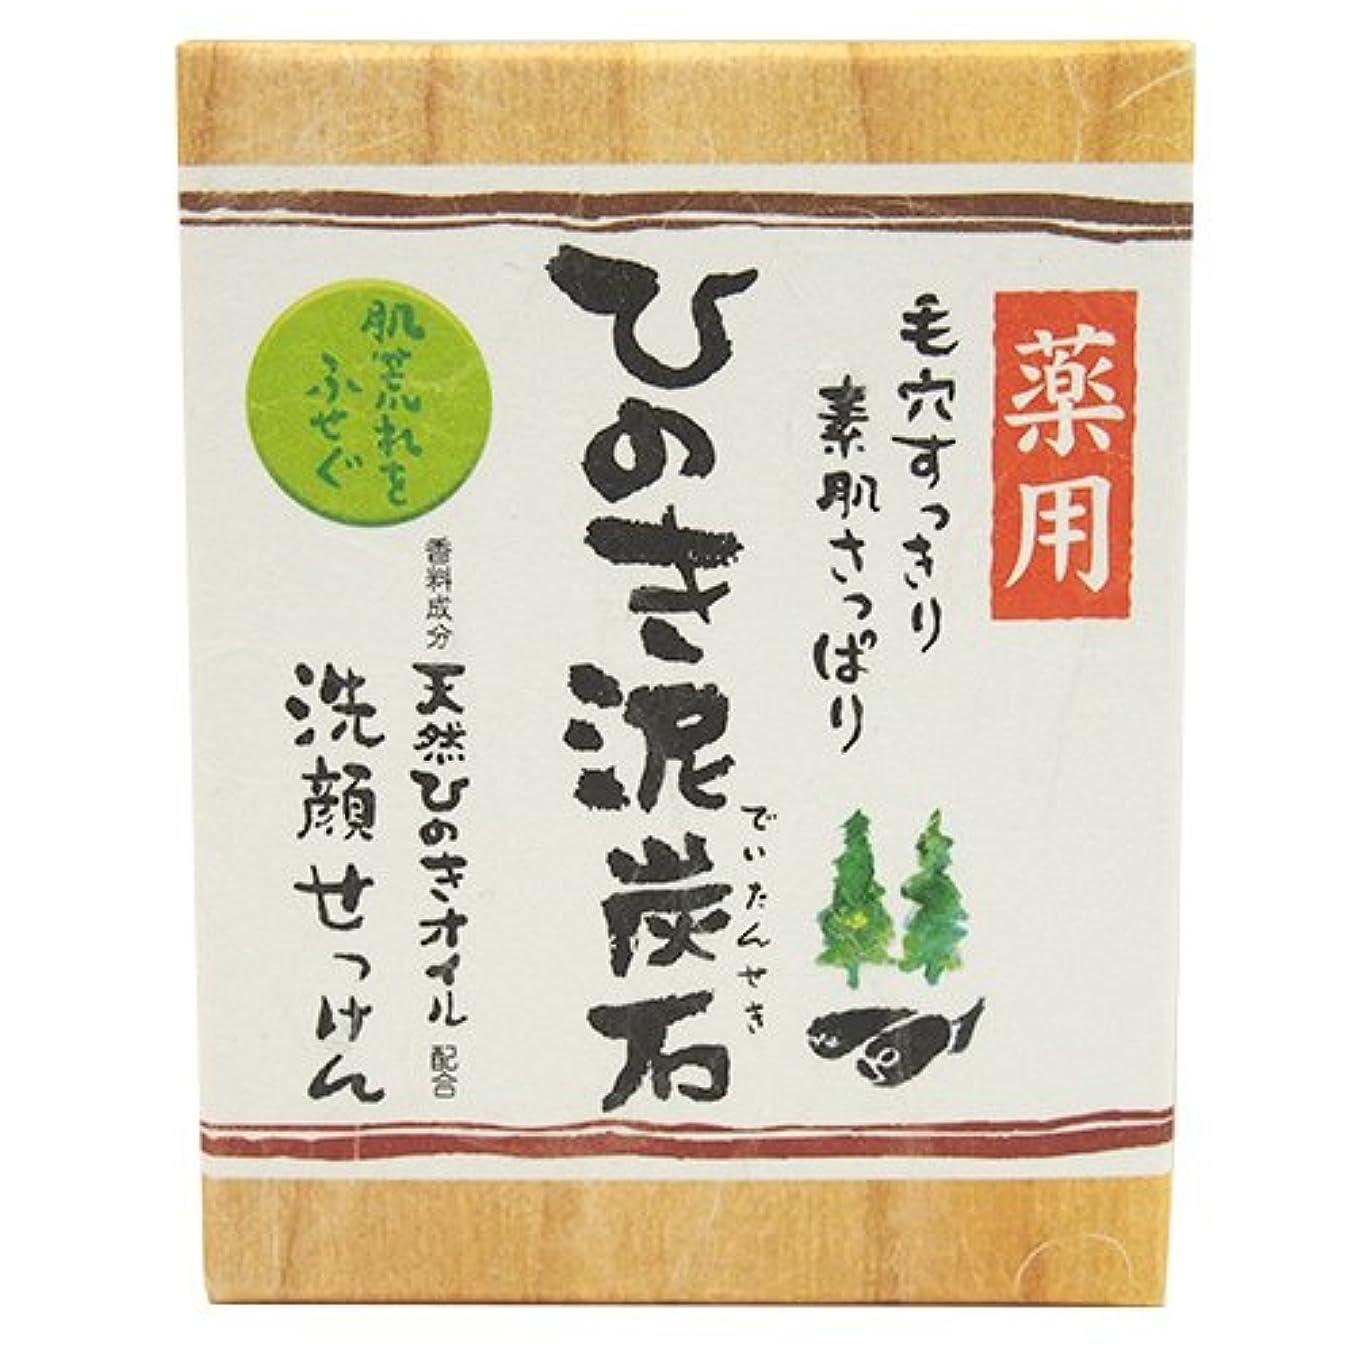 証拠道路を作るプロセスネイティブ東京宝 薬用ひのき泥炭石 すっきり黒タイプ 洗顔石鹸 75g